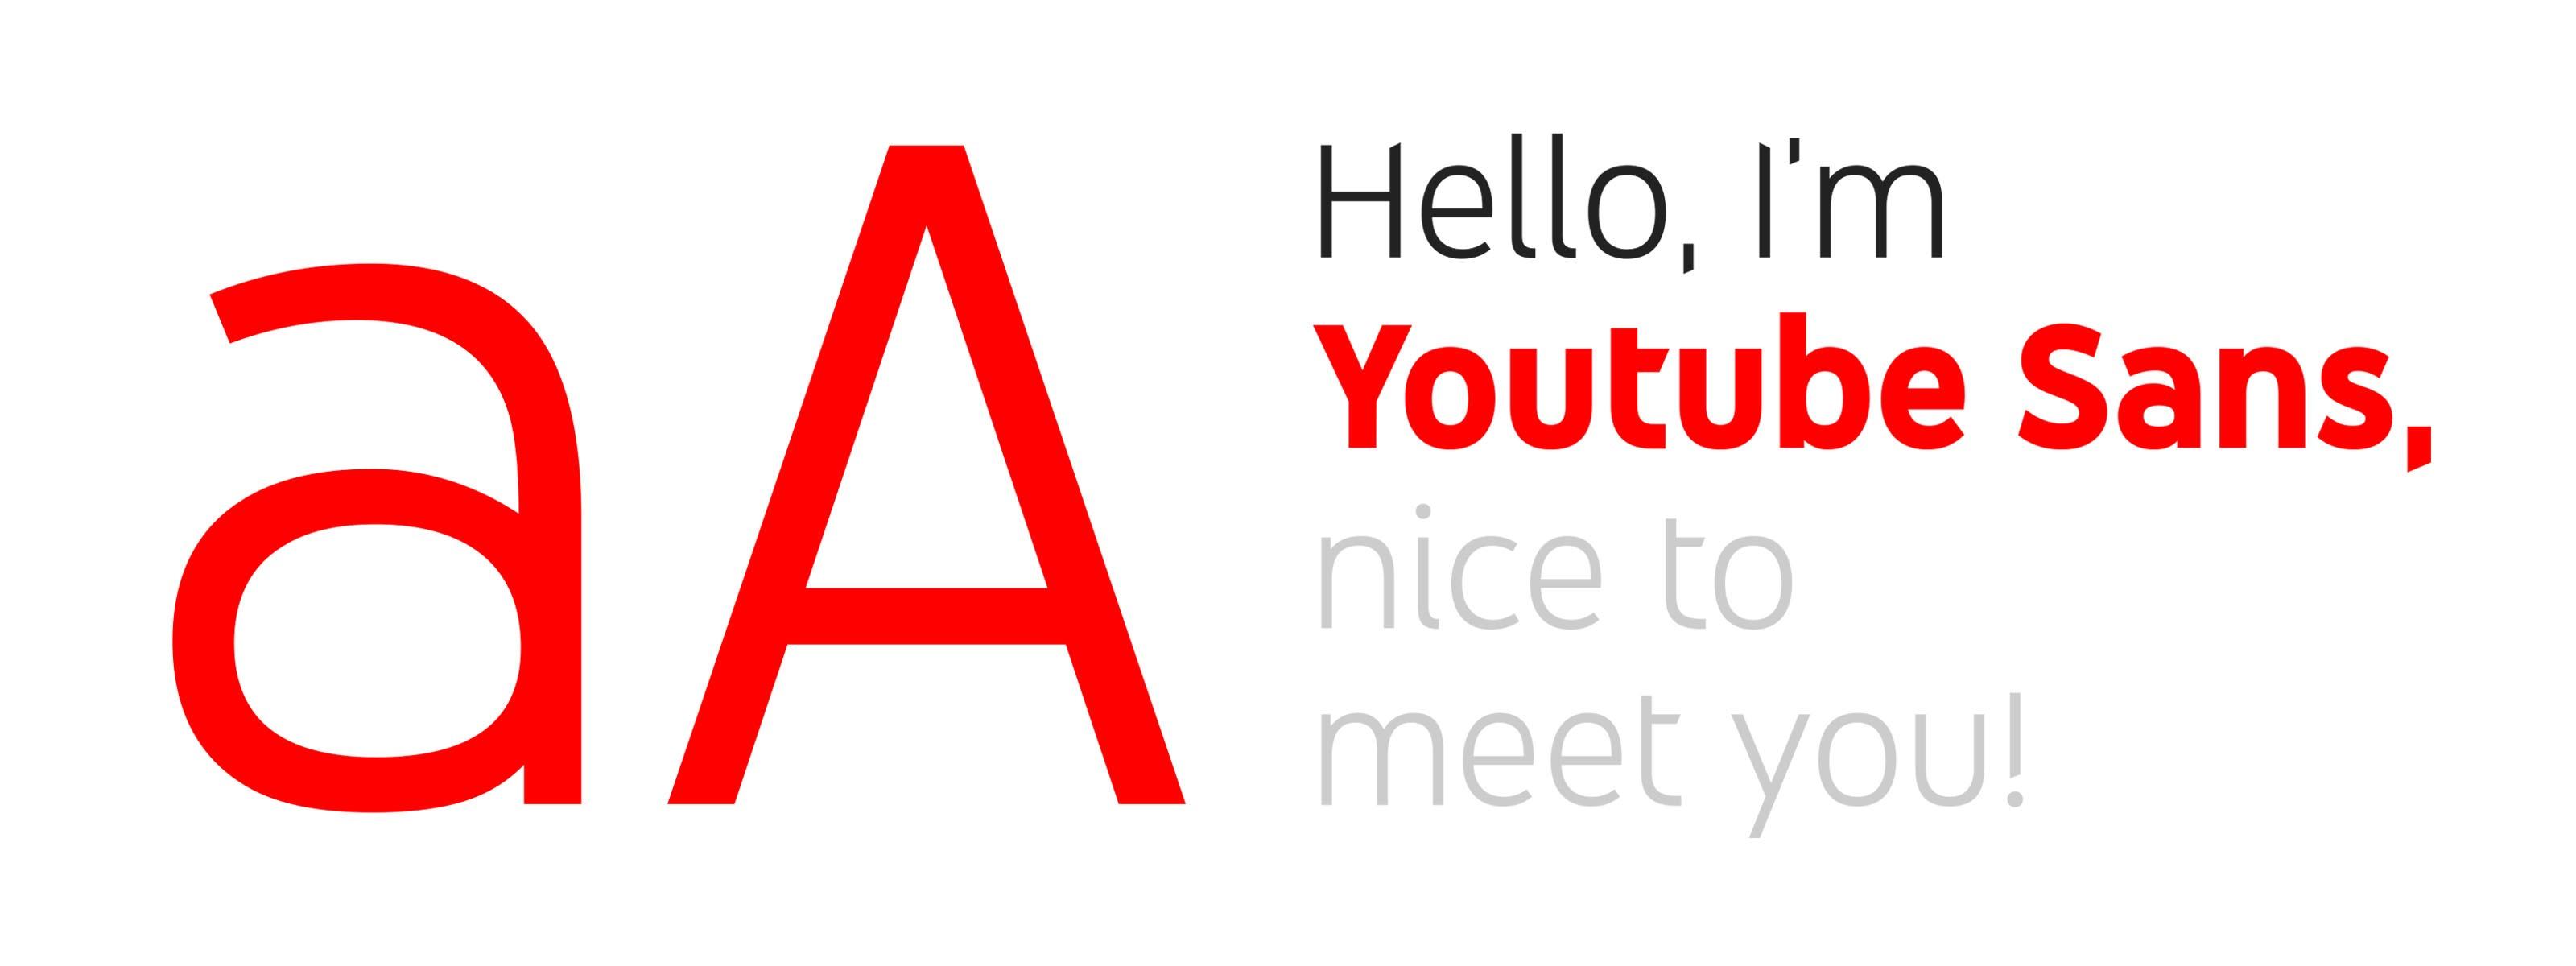 YouTube Sans Tipografia